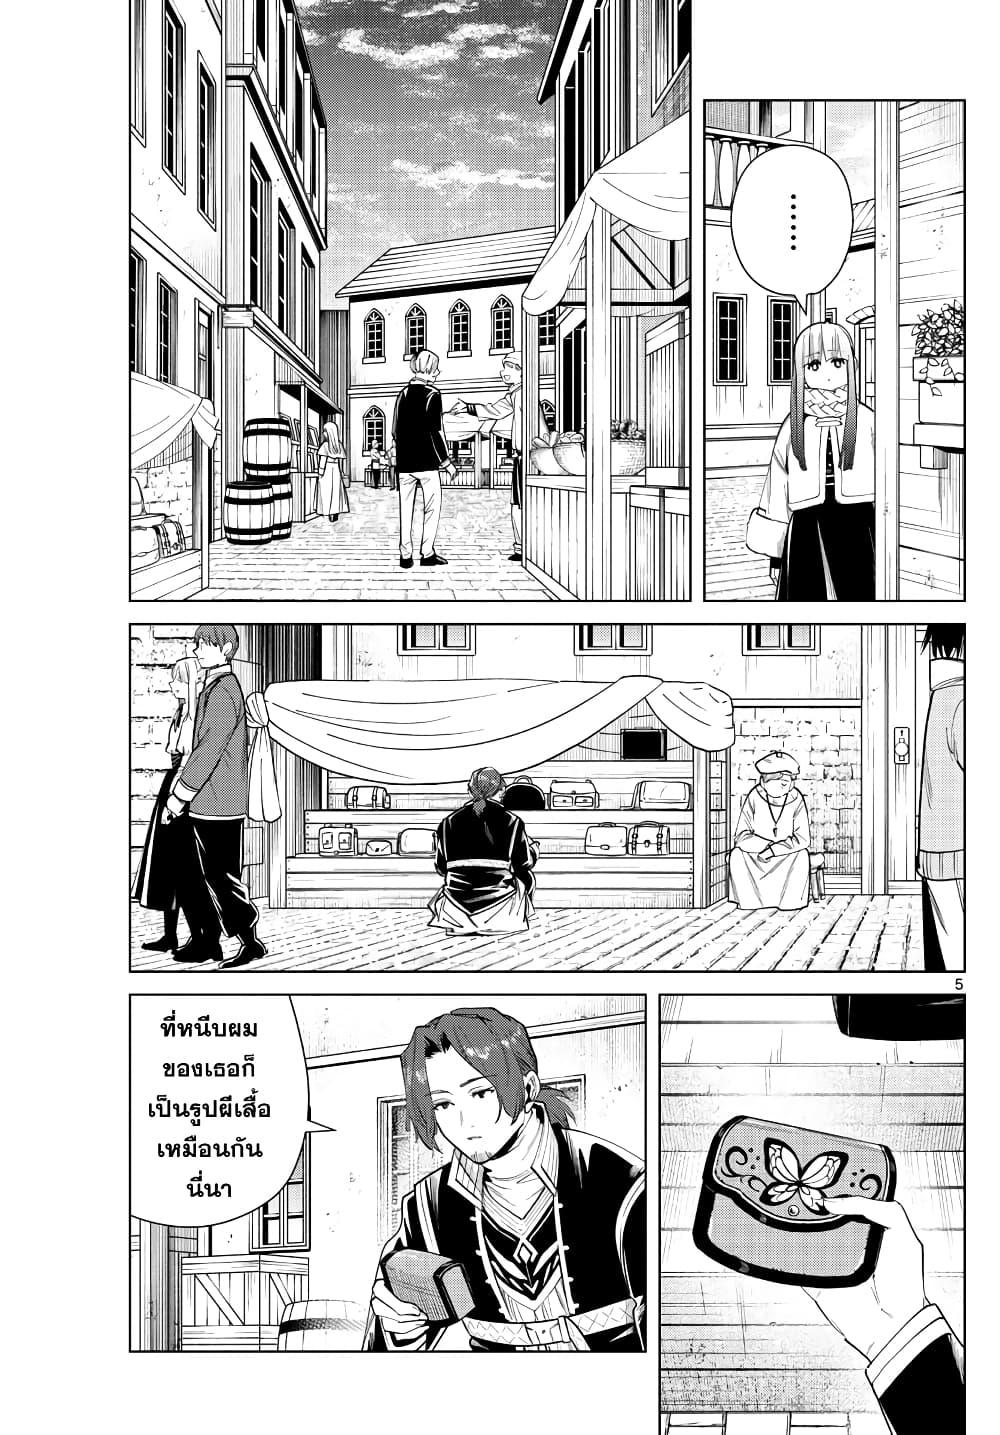 อ่านการ์ตูน Sousou no Frieren ตอนที่ 29 หน้าที่ 5